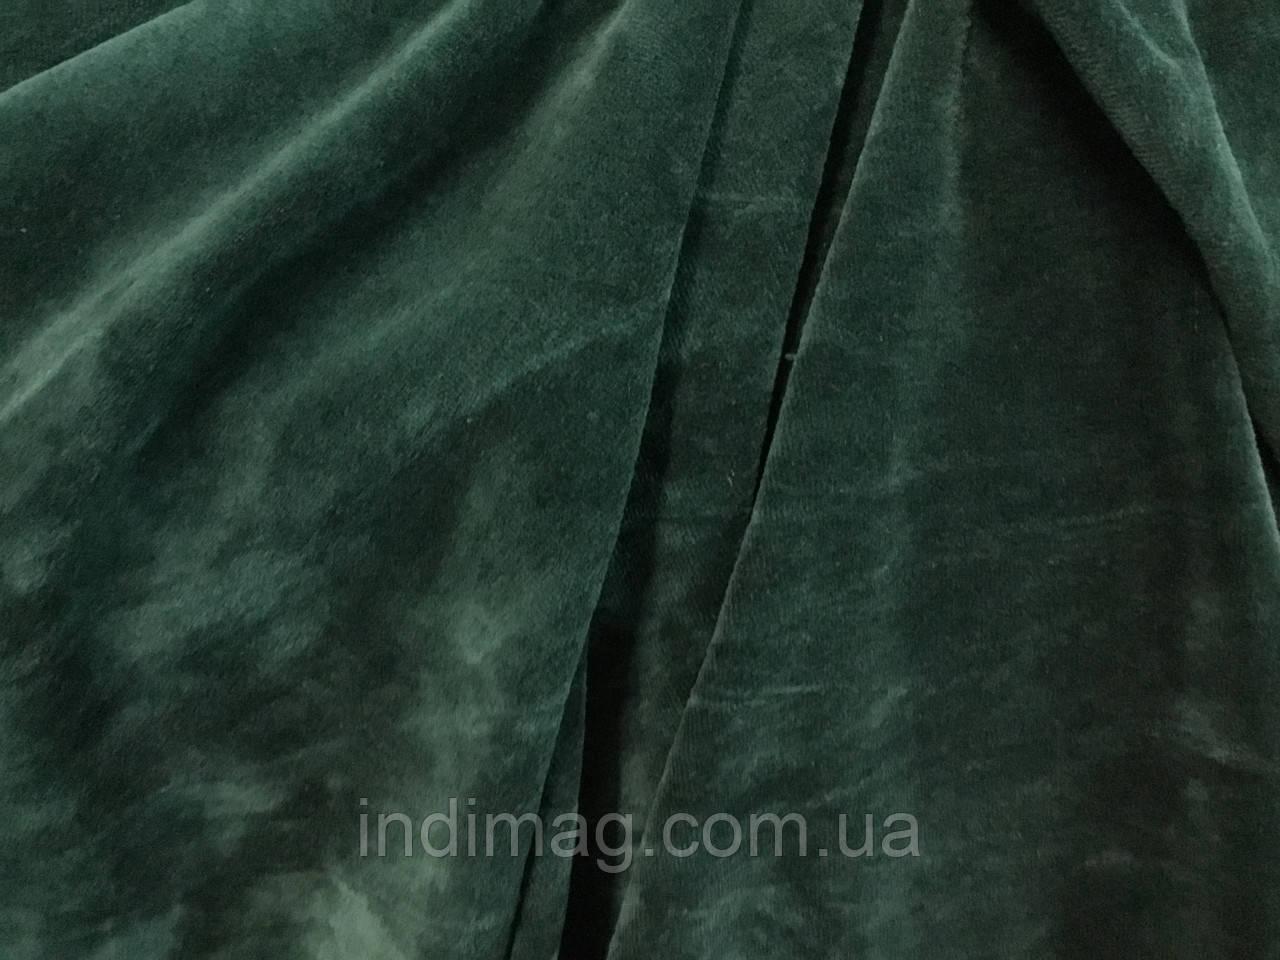 Велюр хлопок  5 метров изумрудный зелёный